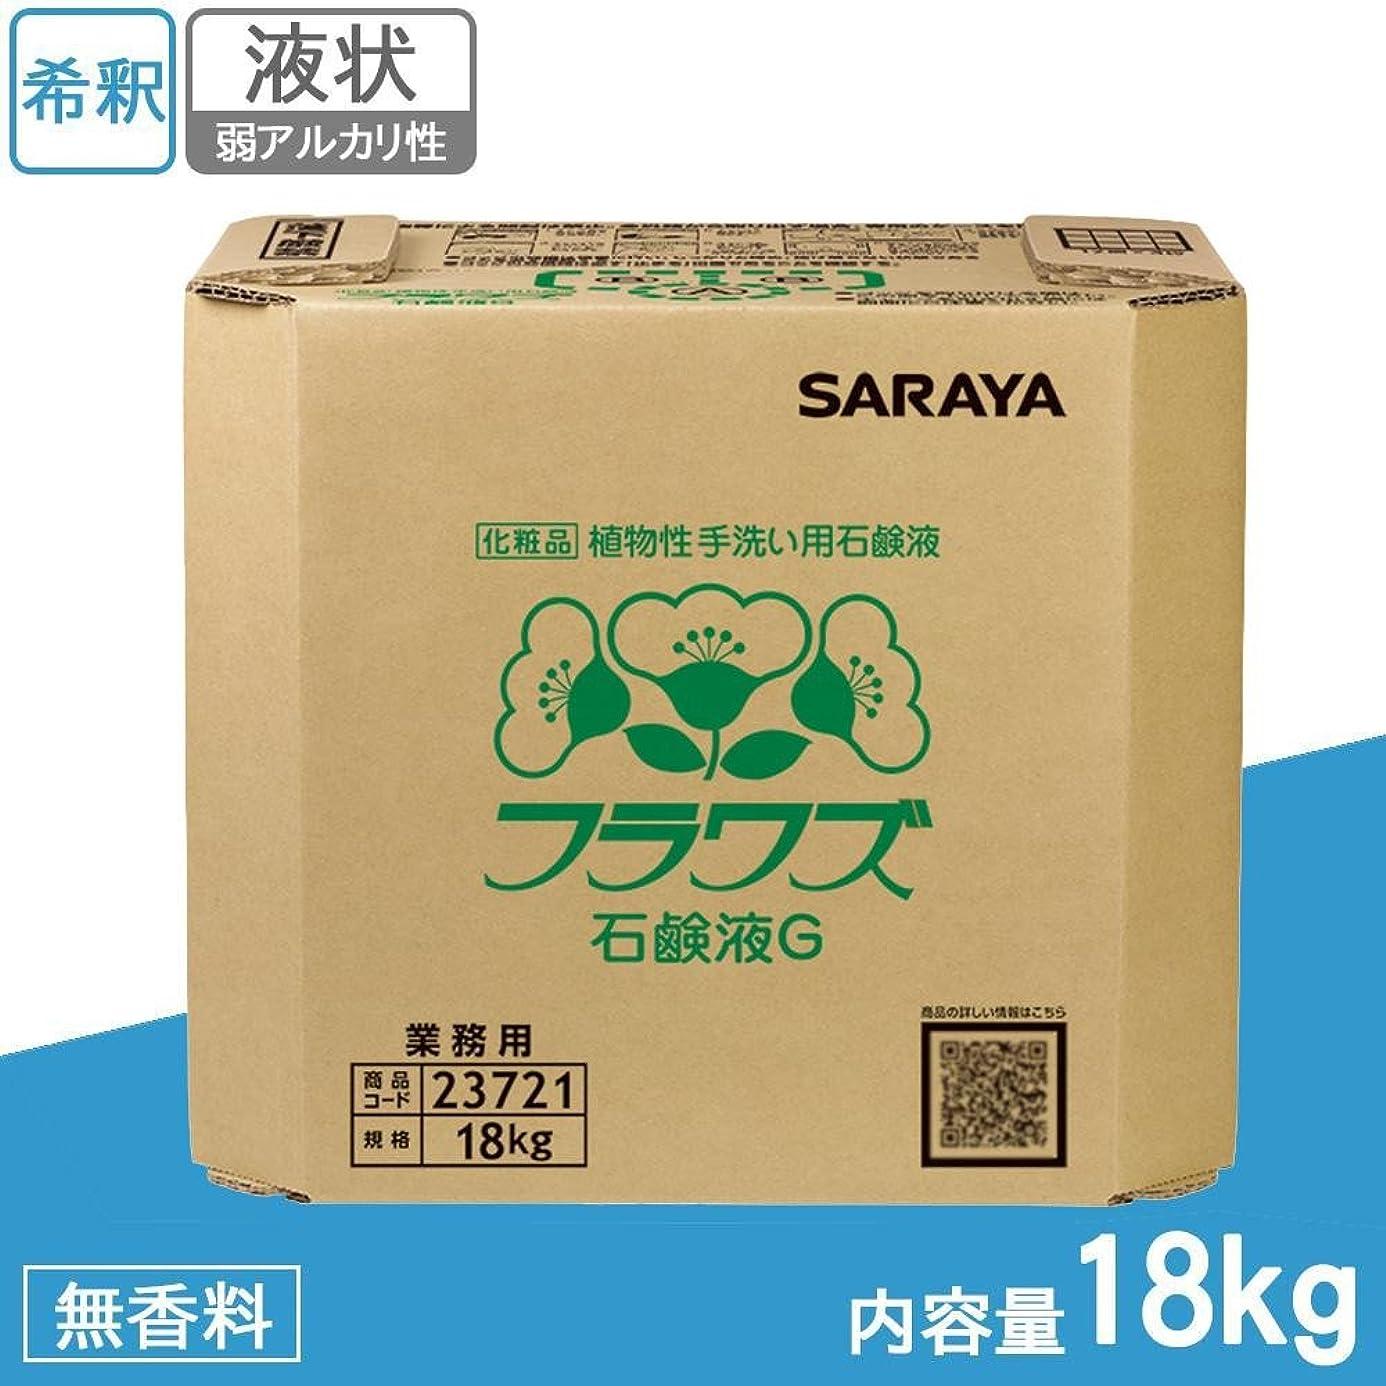 アルファベット経験的士気サラヤ 業務用 植物性手洗い用石鹸液 フラワズ石鹸液G 18kg BIB 23721